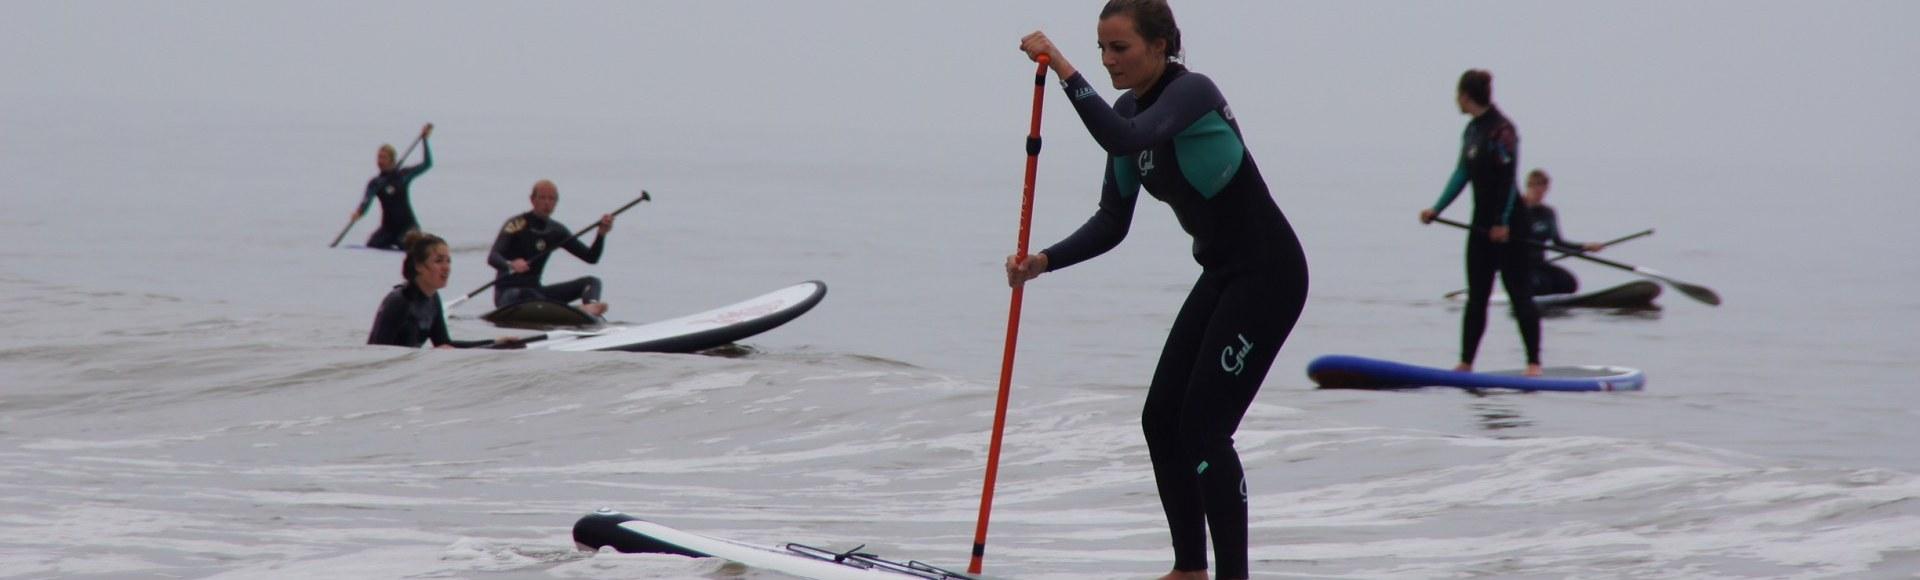 Supboard stalling Bloemendaal